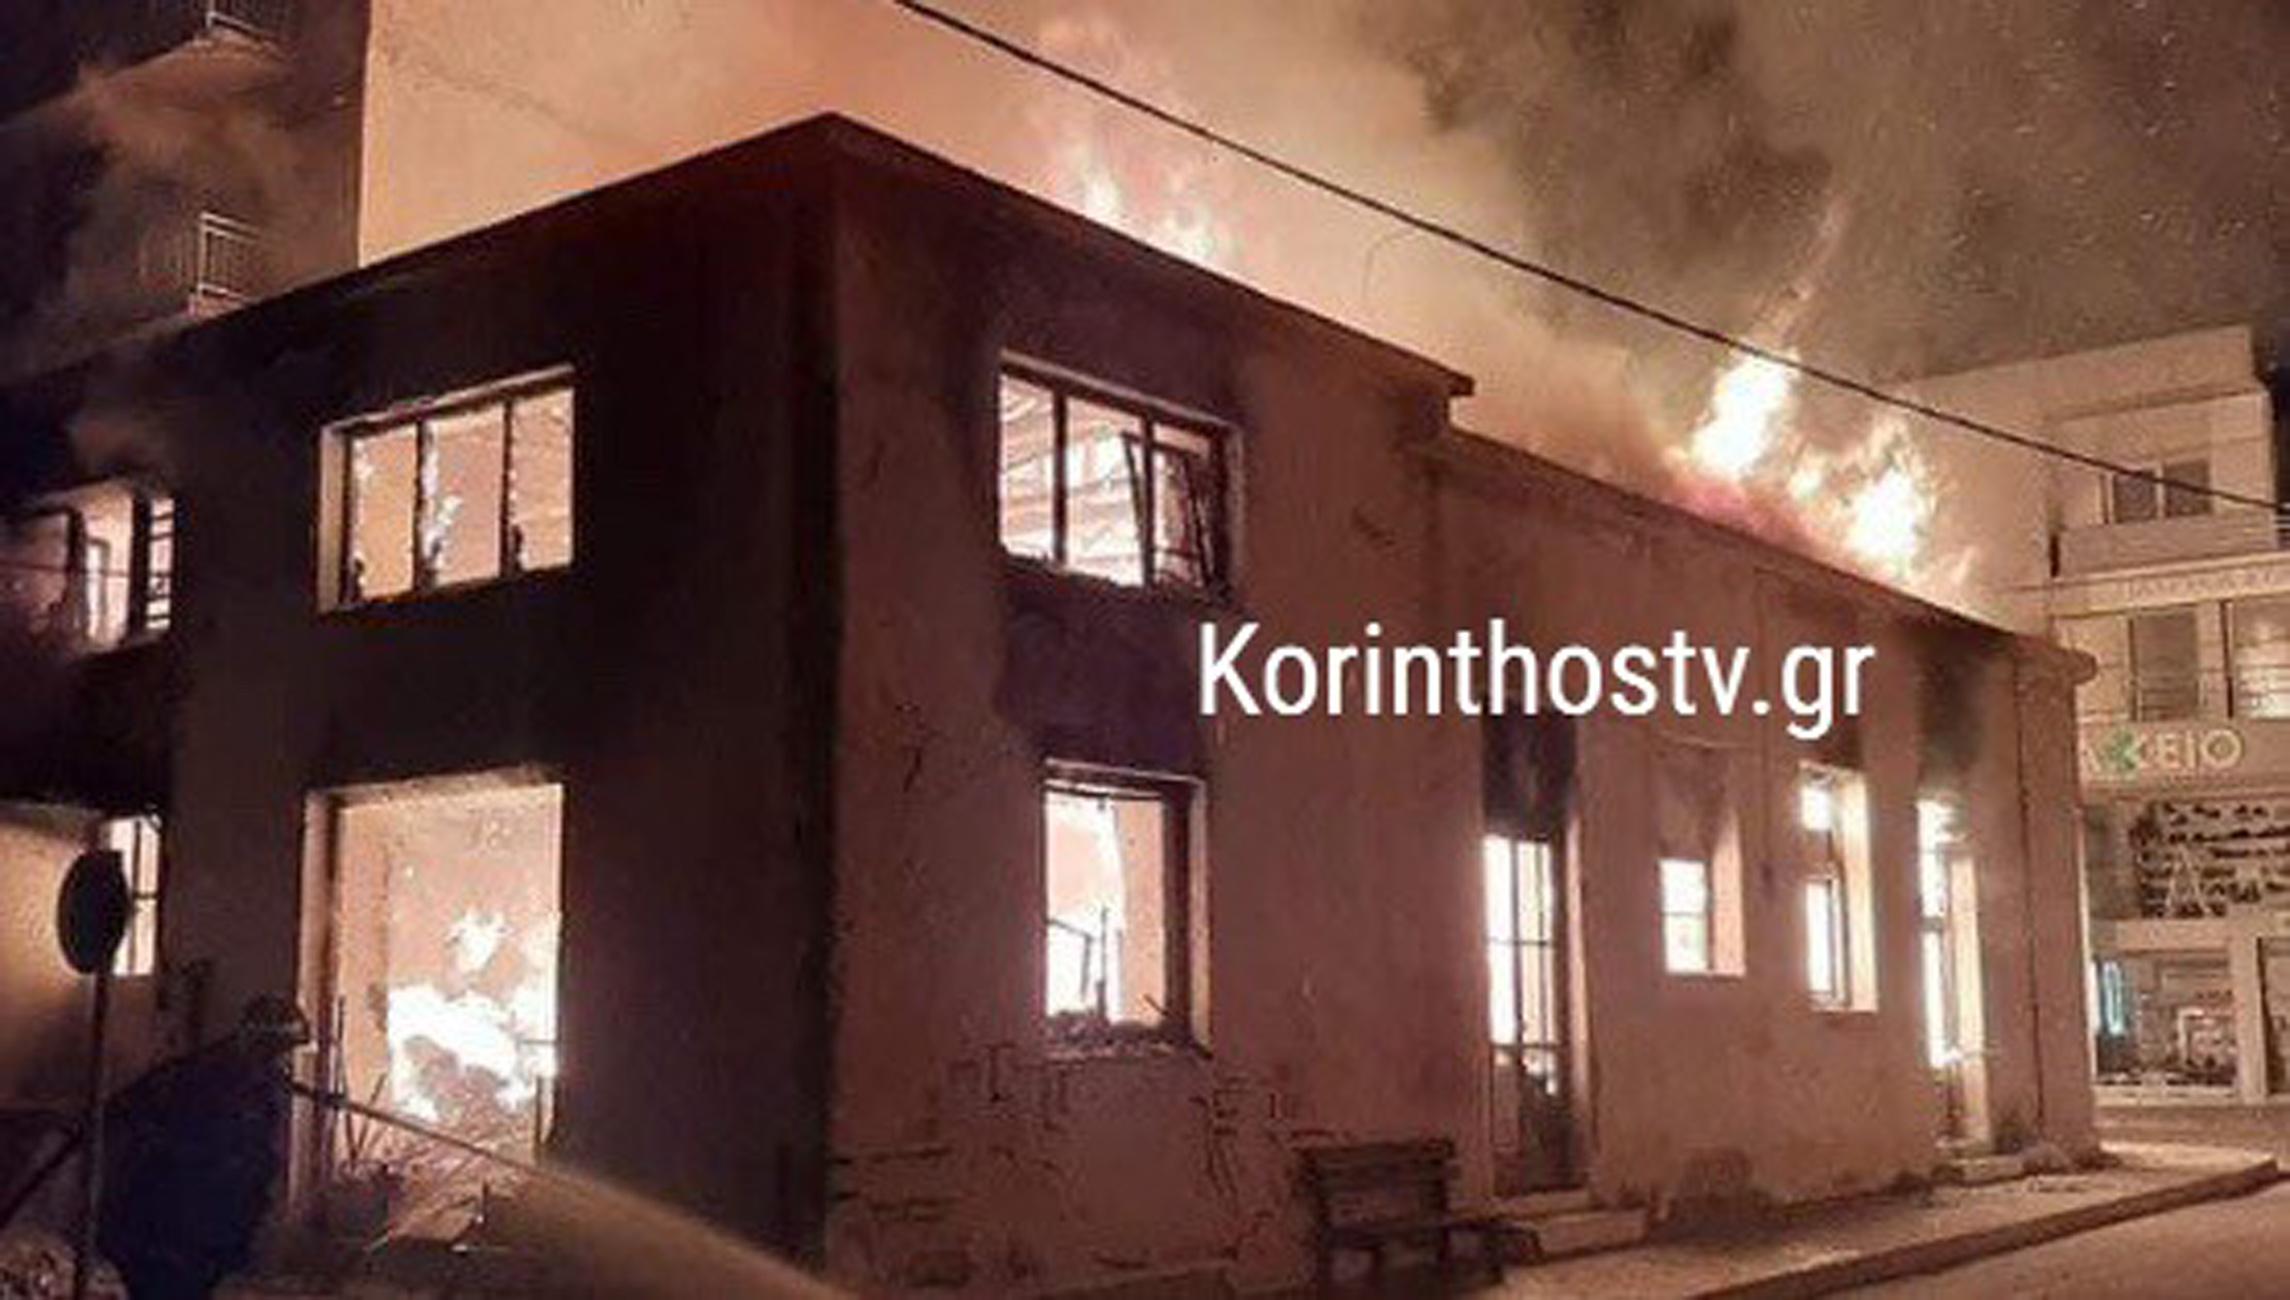 Ξυλόκαστρο: Κάηκε ολοσχερώς διώροφο κτίριο στο κέντρο της πόλης